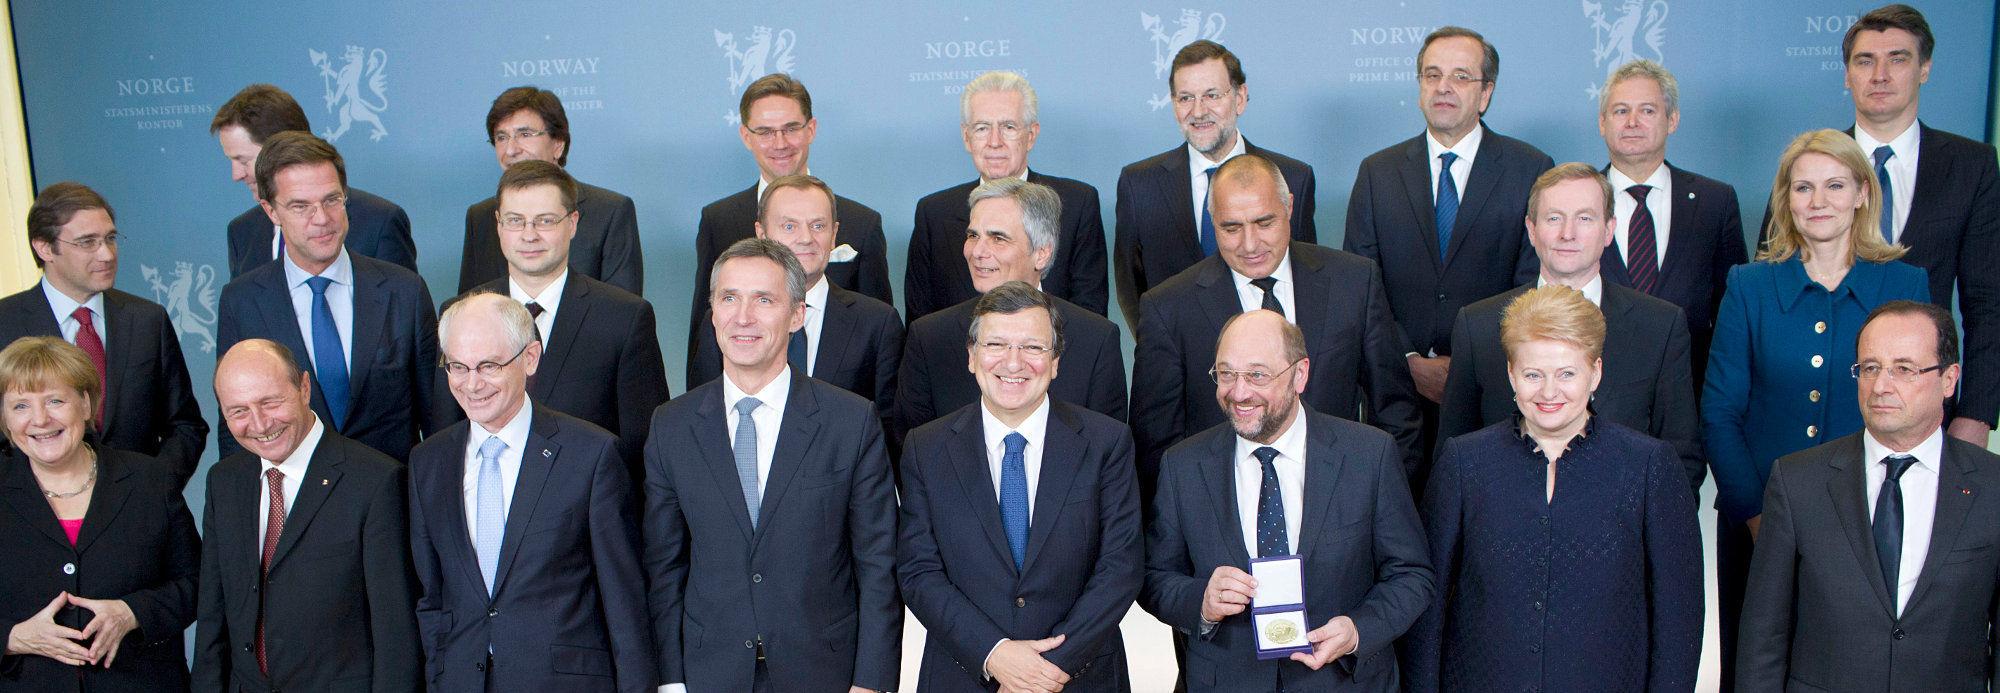 11615 - ¿Conoces a los presidentes de Europa?